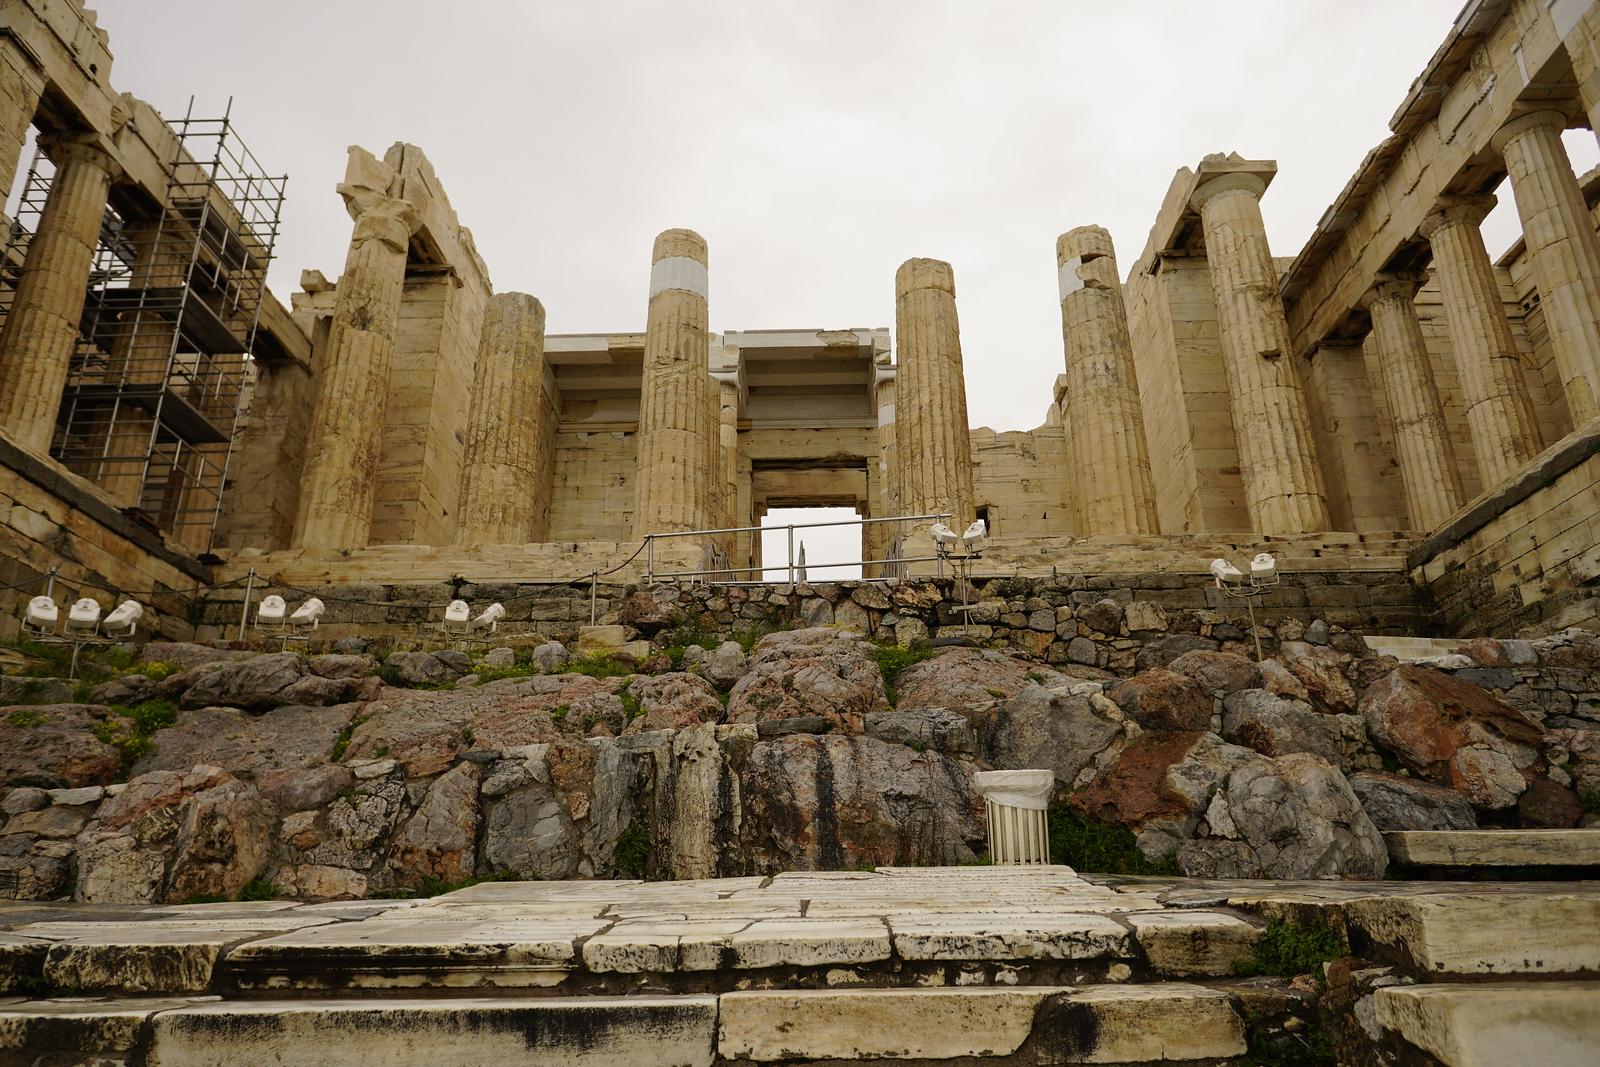 022 - Acropolis - West Entrance Gate